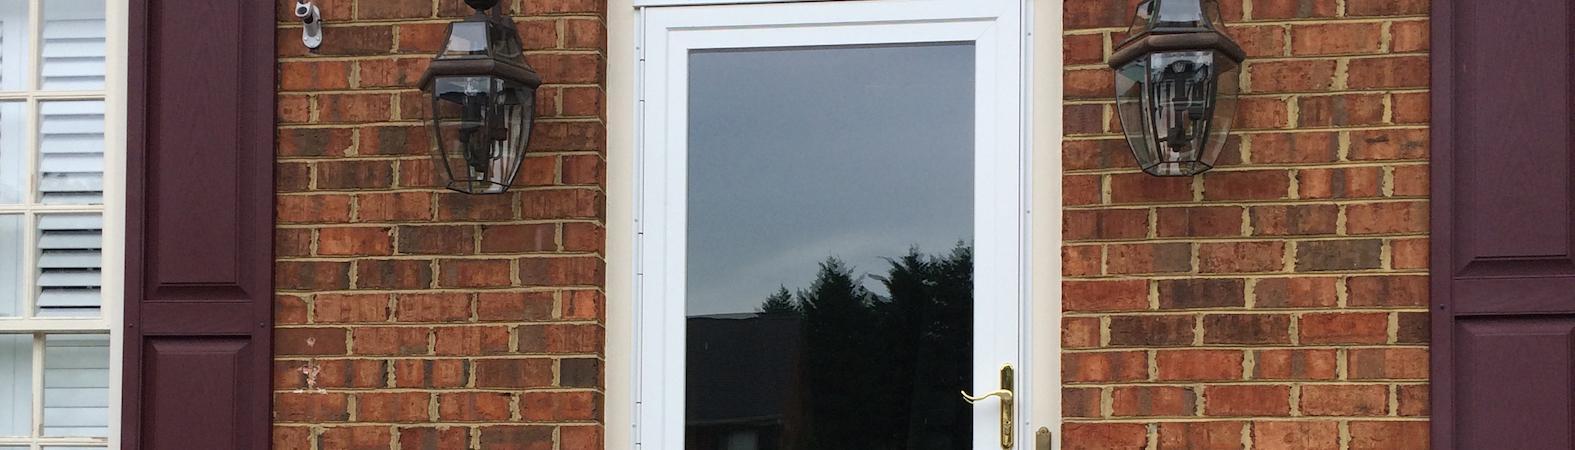 QuietVue Insulated Storm Door